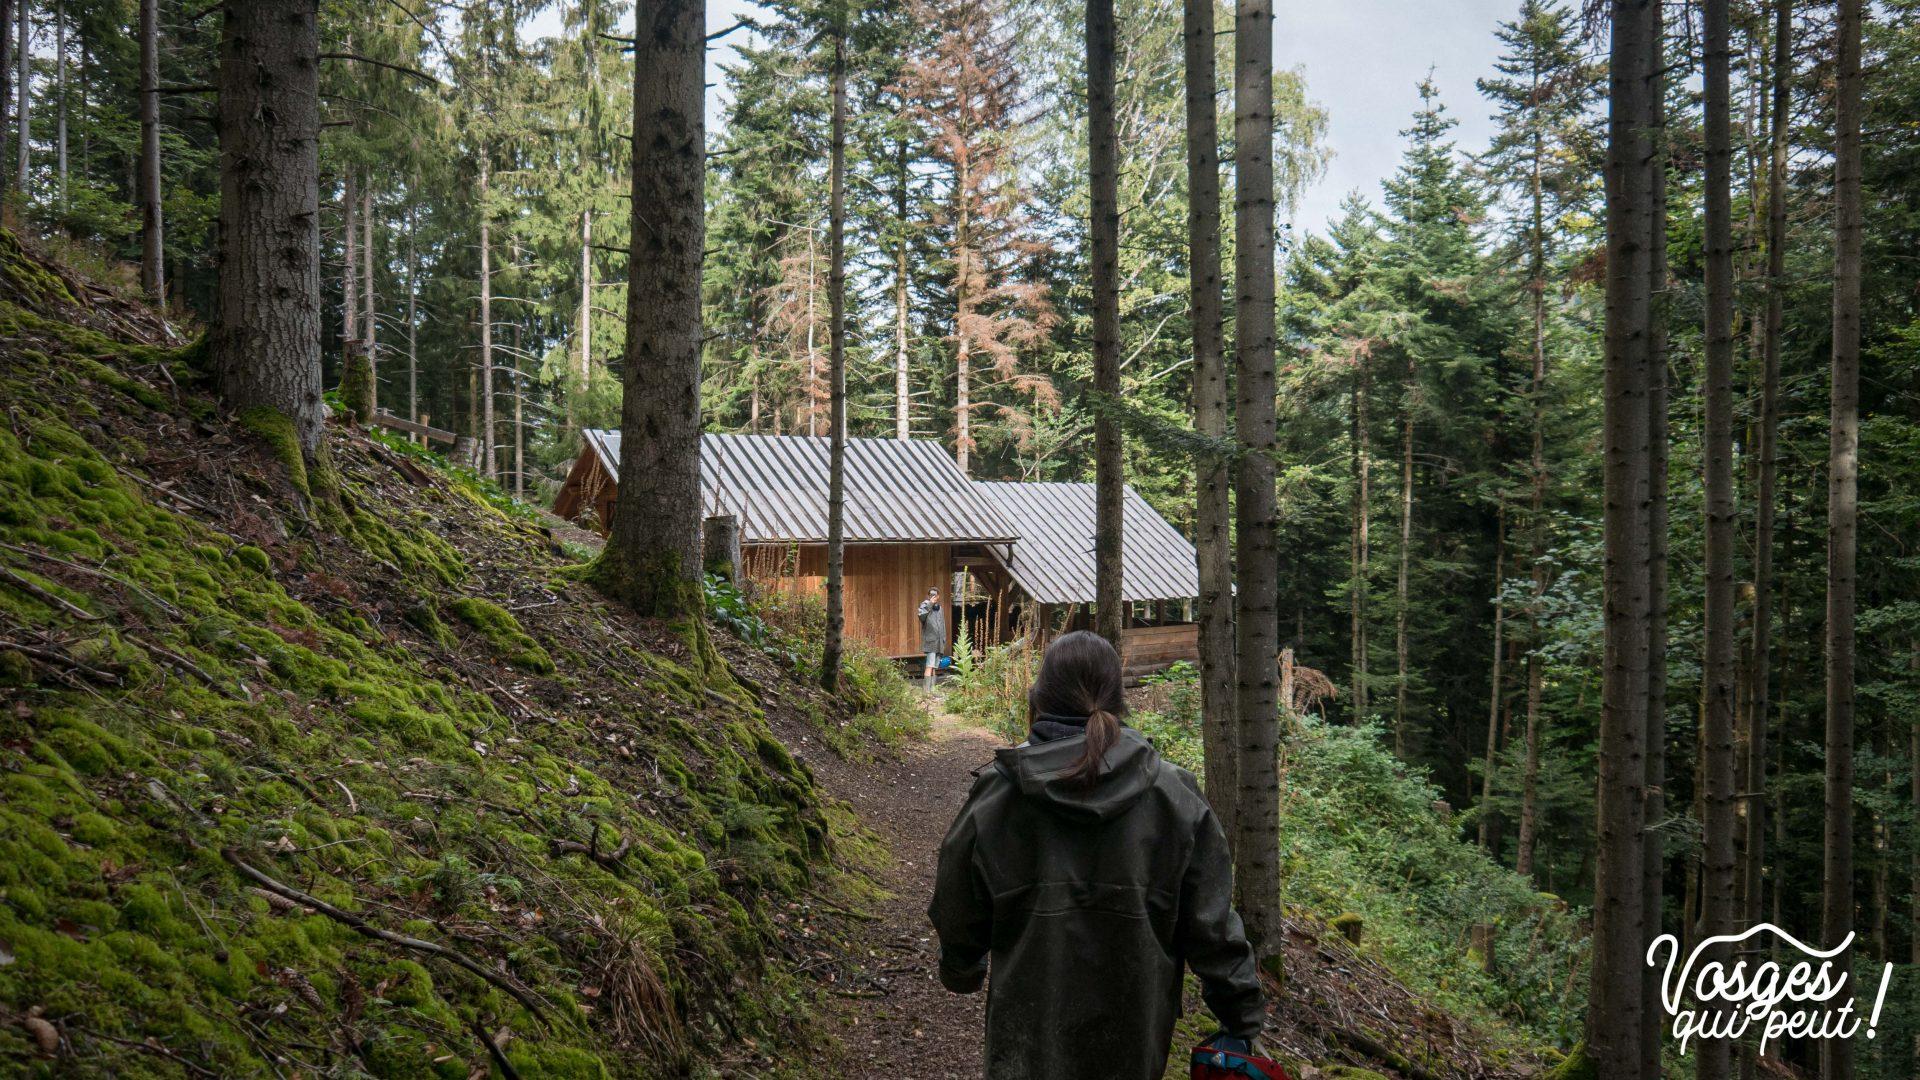 Le carreau restauré d'une mine d'argent dans le Massif des Vosges